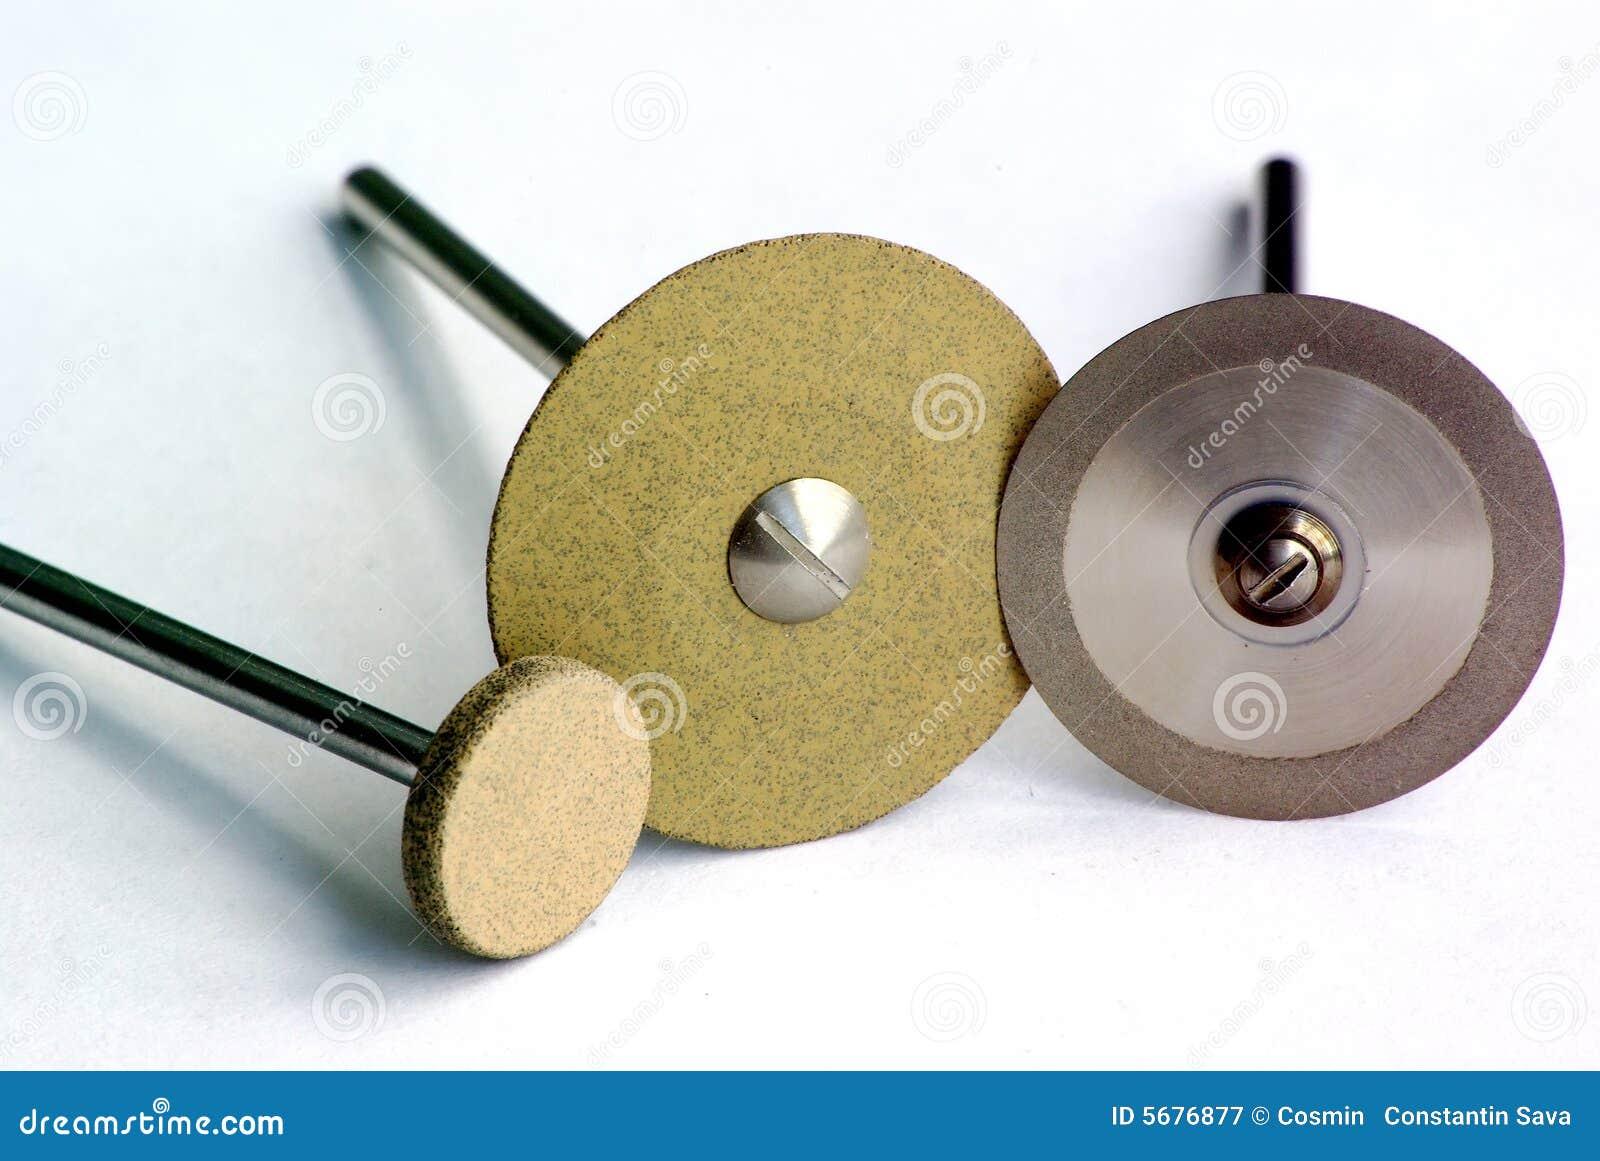 Herramientas del diamante imagen de archivo. Imagen de duro - 5676877